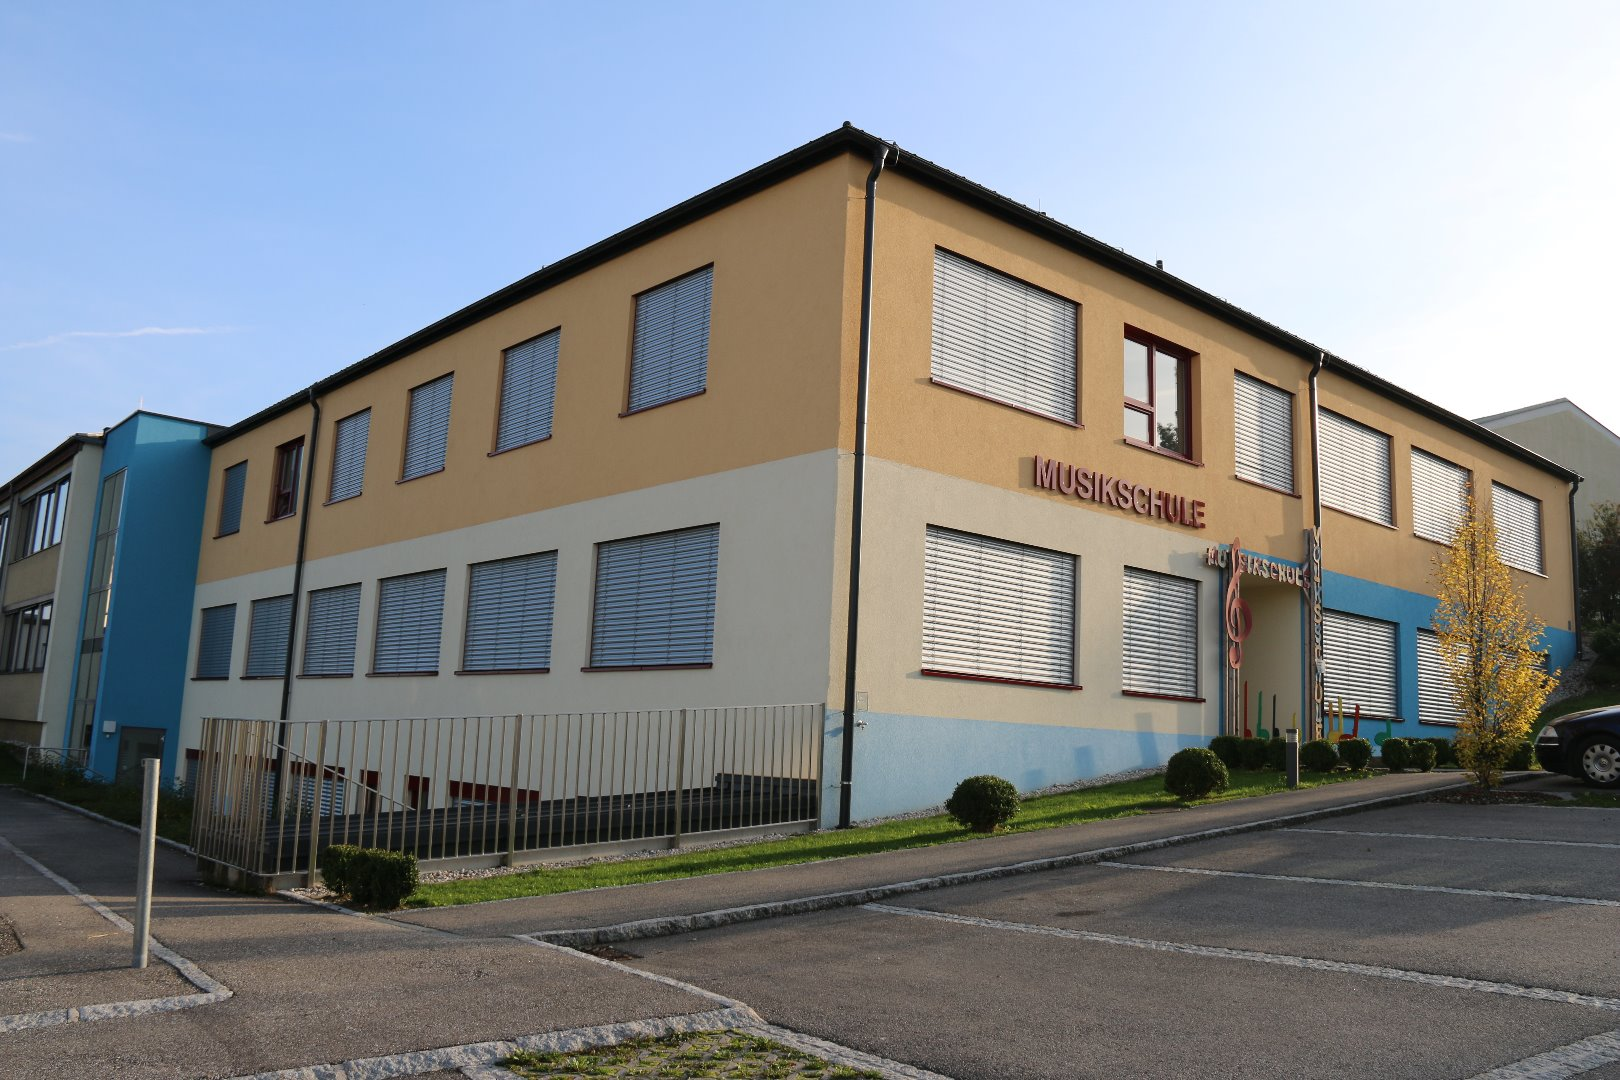 1511508445-musikschule-steinakirchen-jpg.jpeg